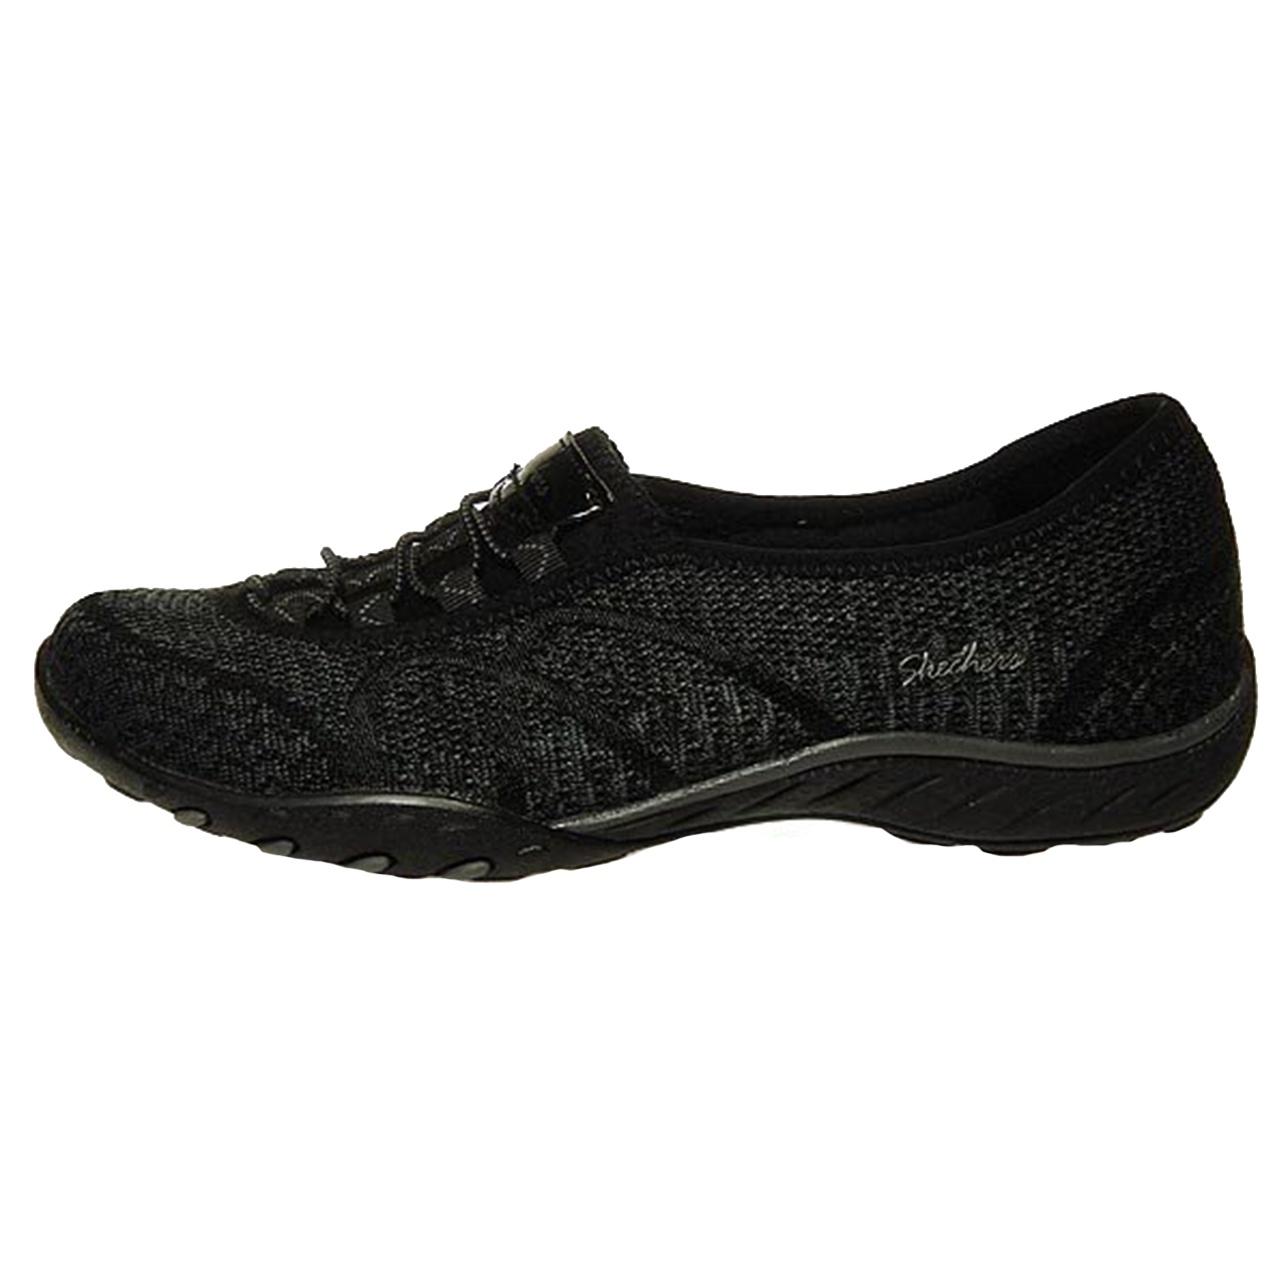 کفش مخصوص پیاده روی زنانه اسکچرز مدل MIRACLE 23045BLK